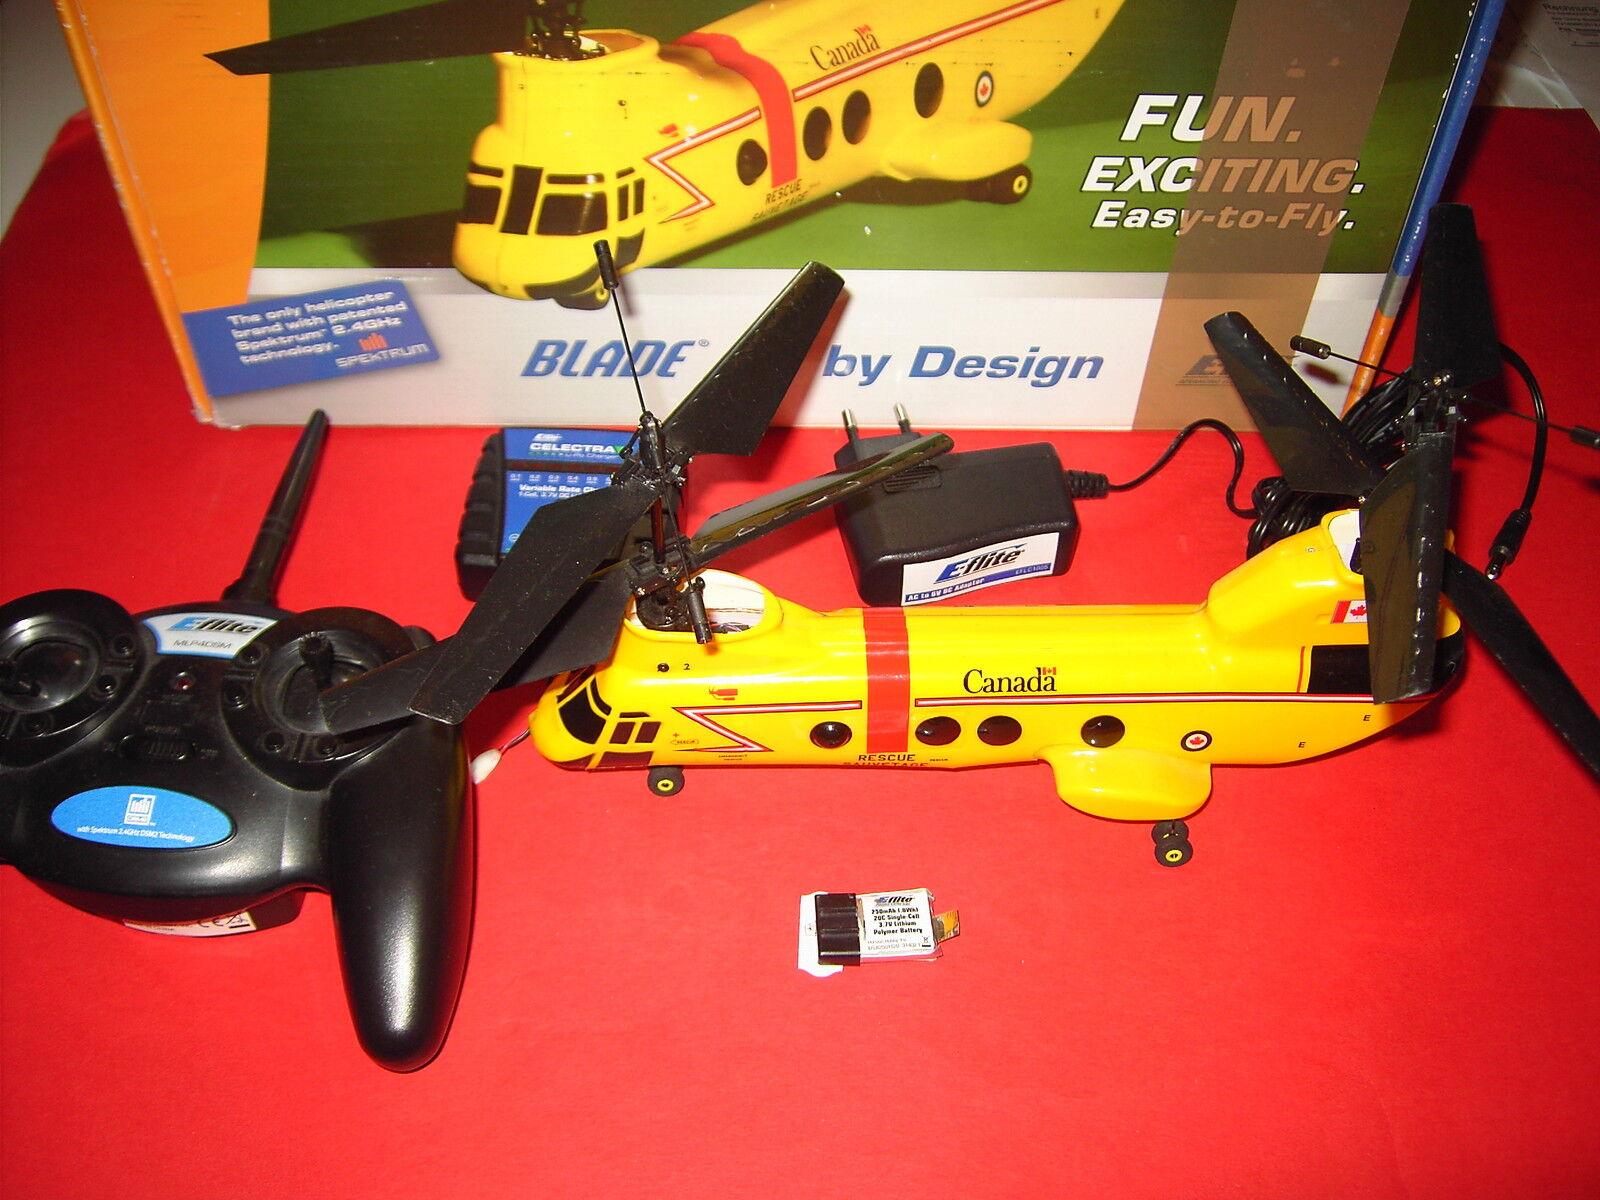 E-Flite Blade MCX tandem Rescue con Telecomando Caricatore Batteria vedere immagini